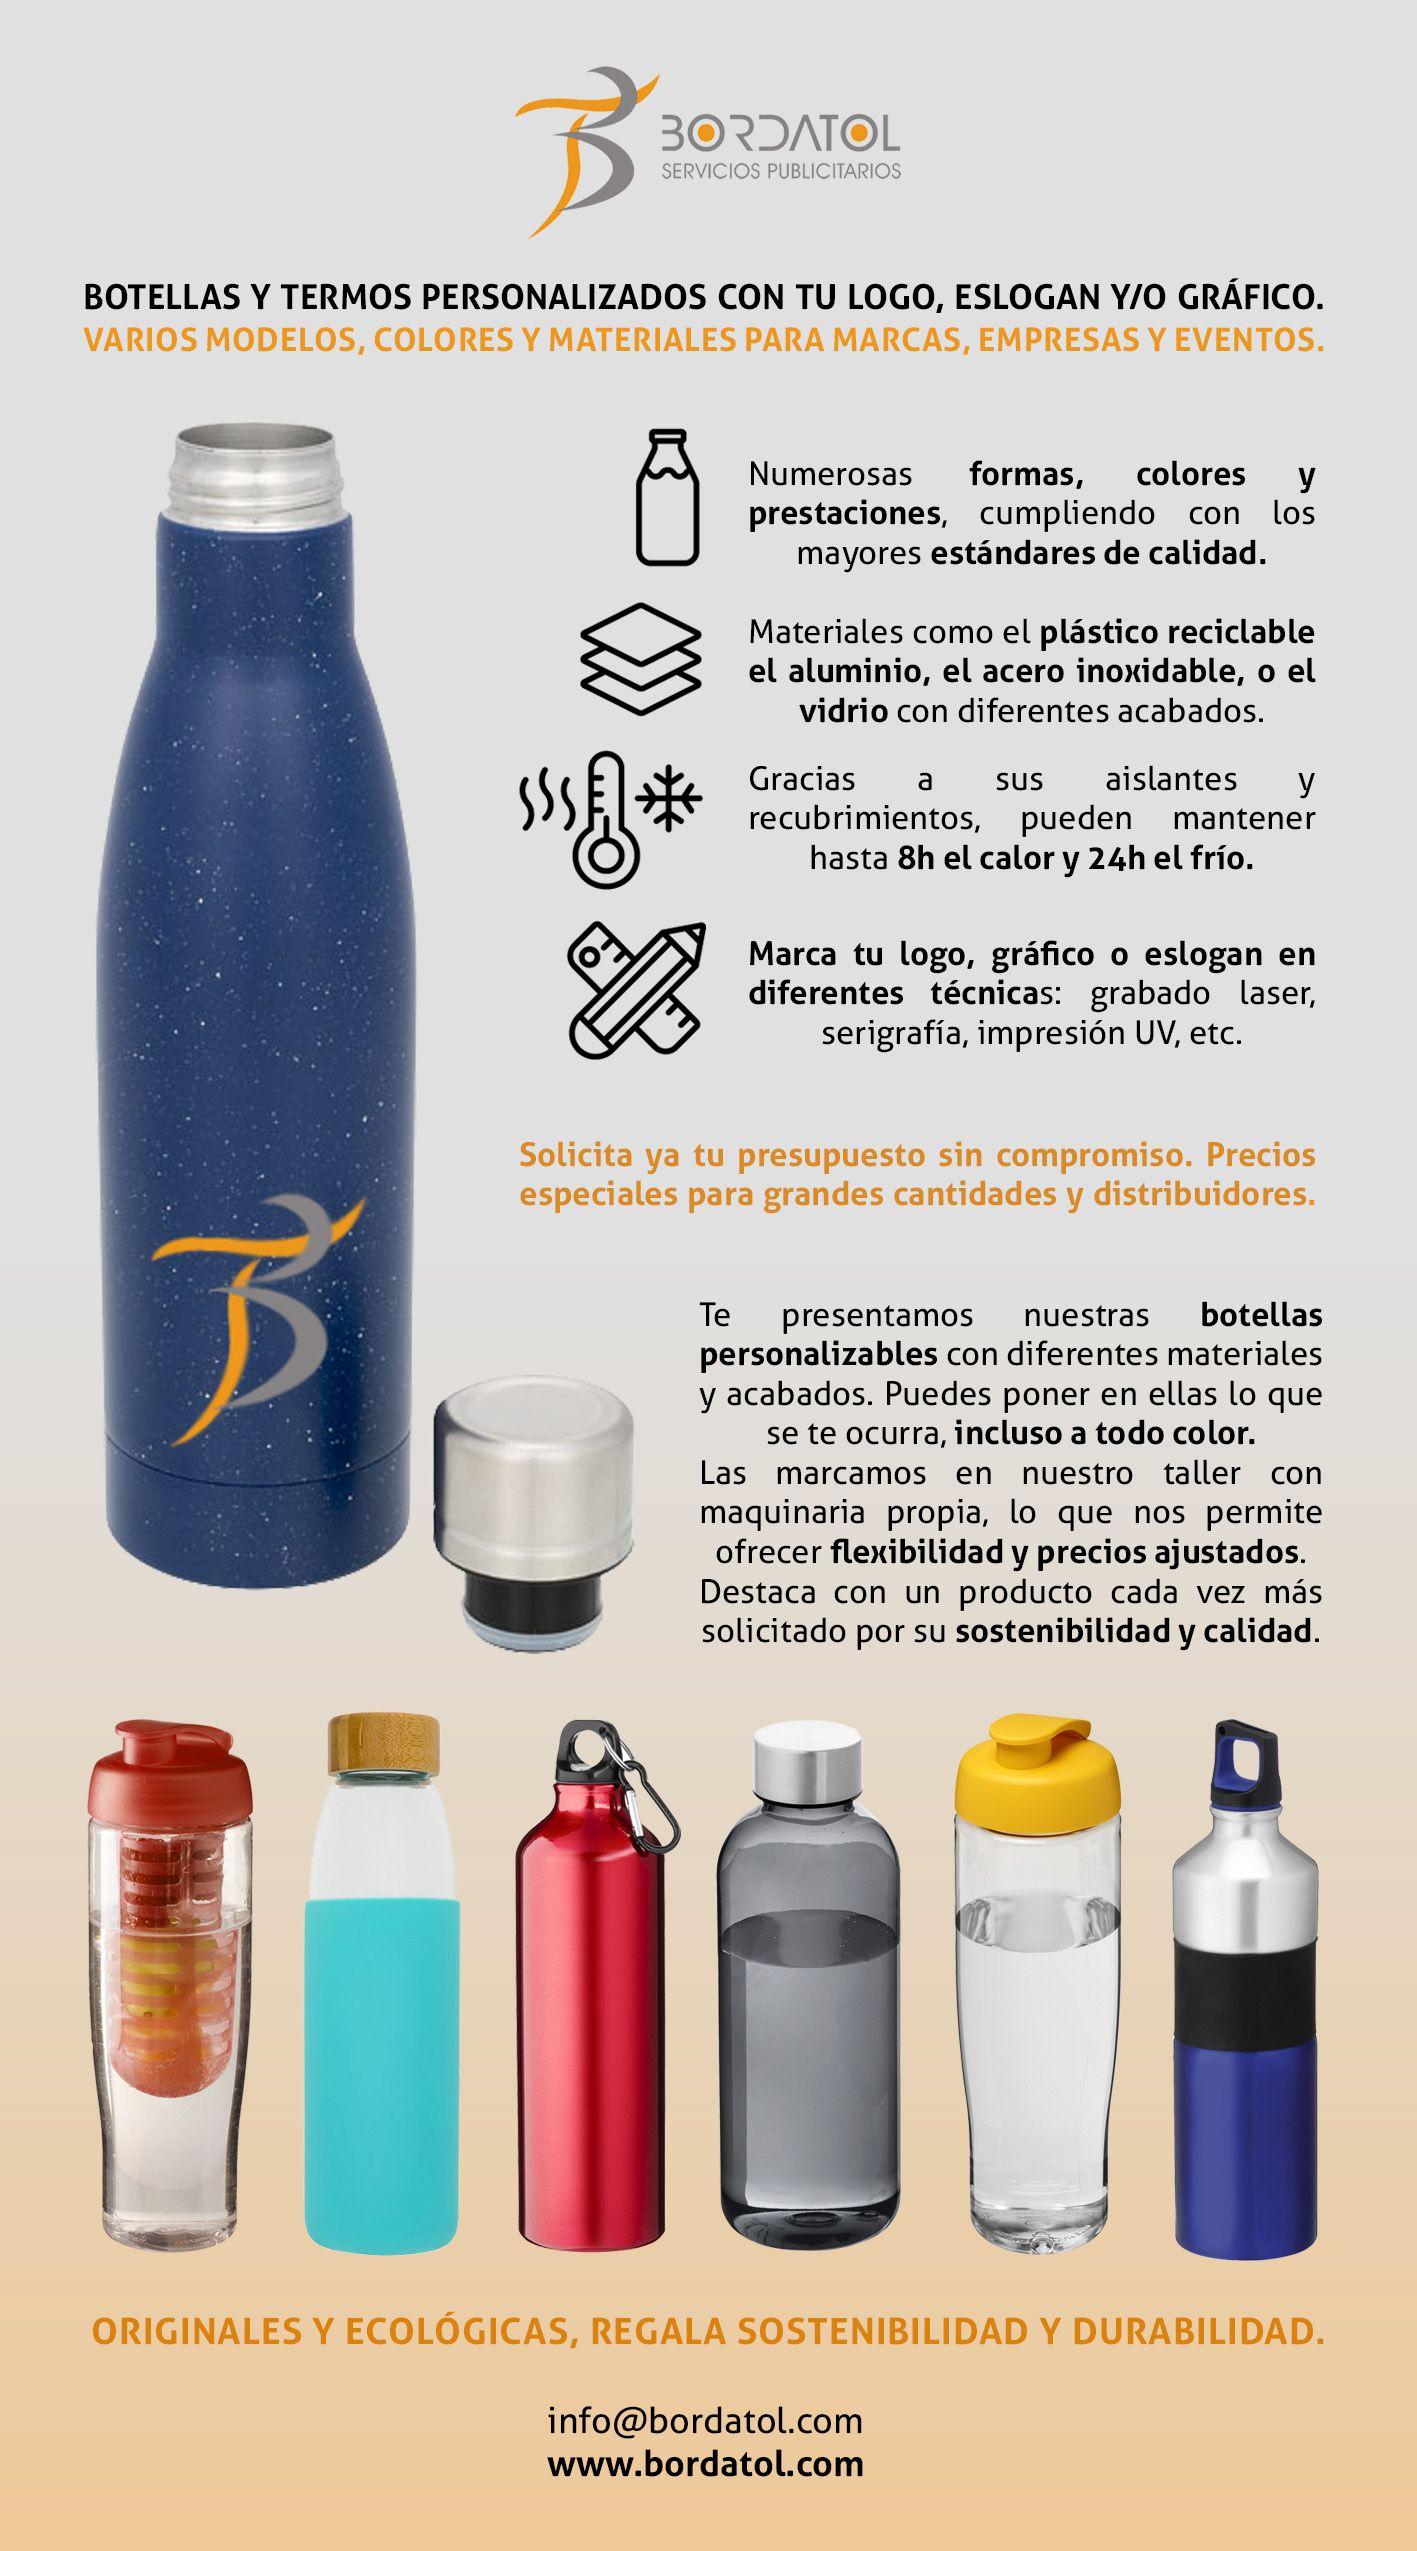 Termos y botellas personalizados